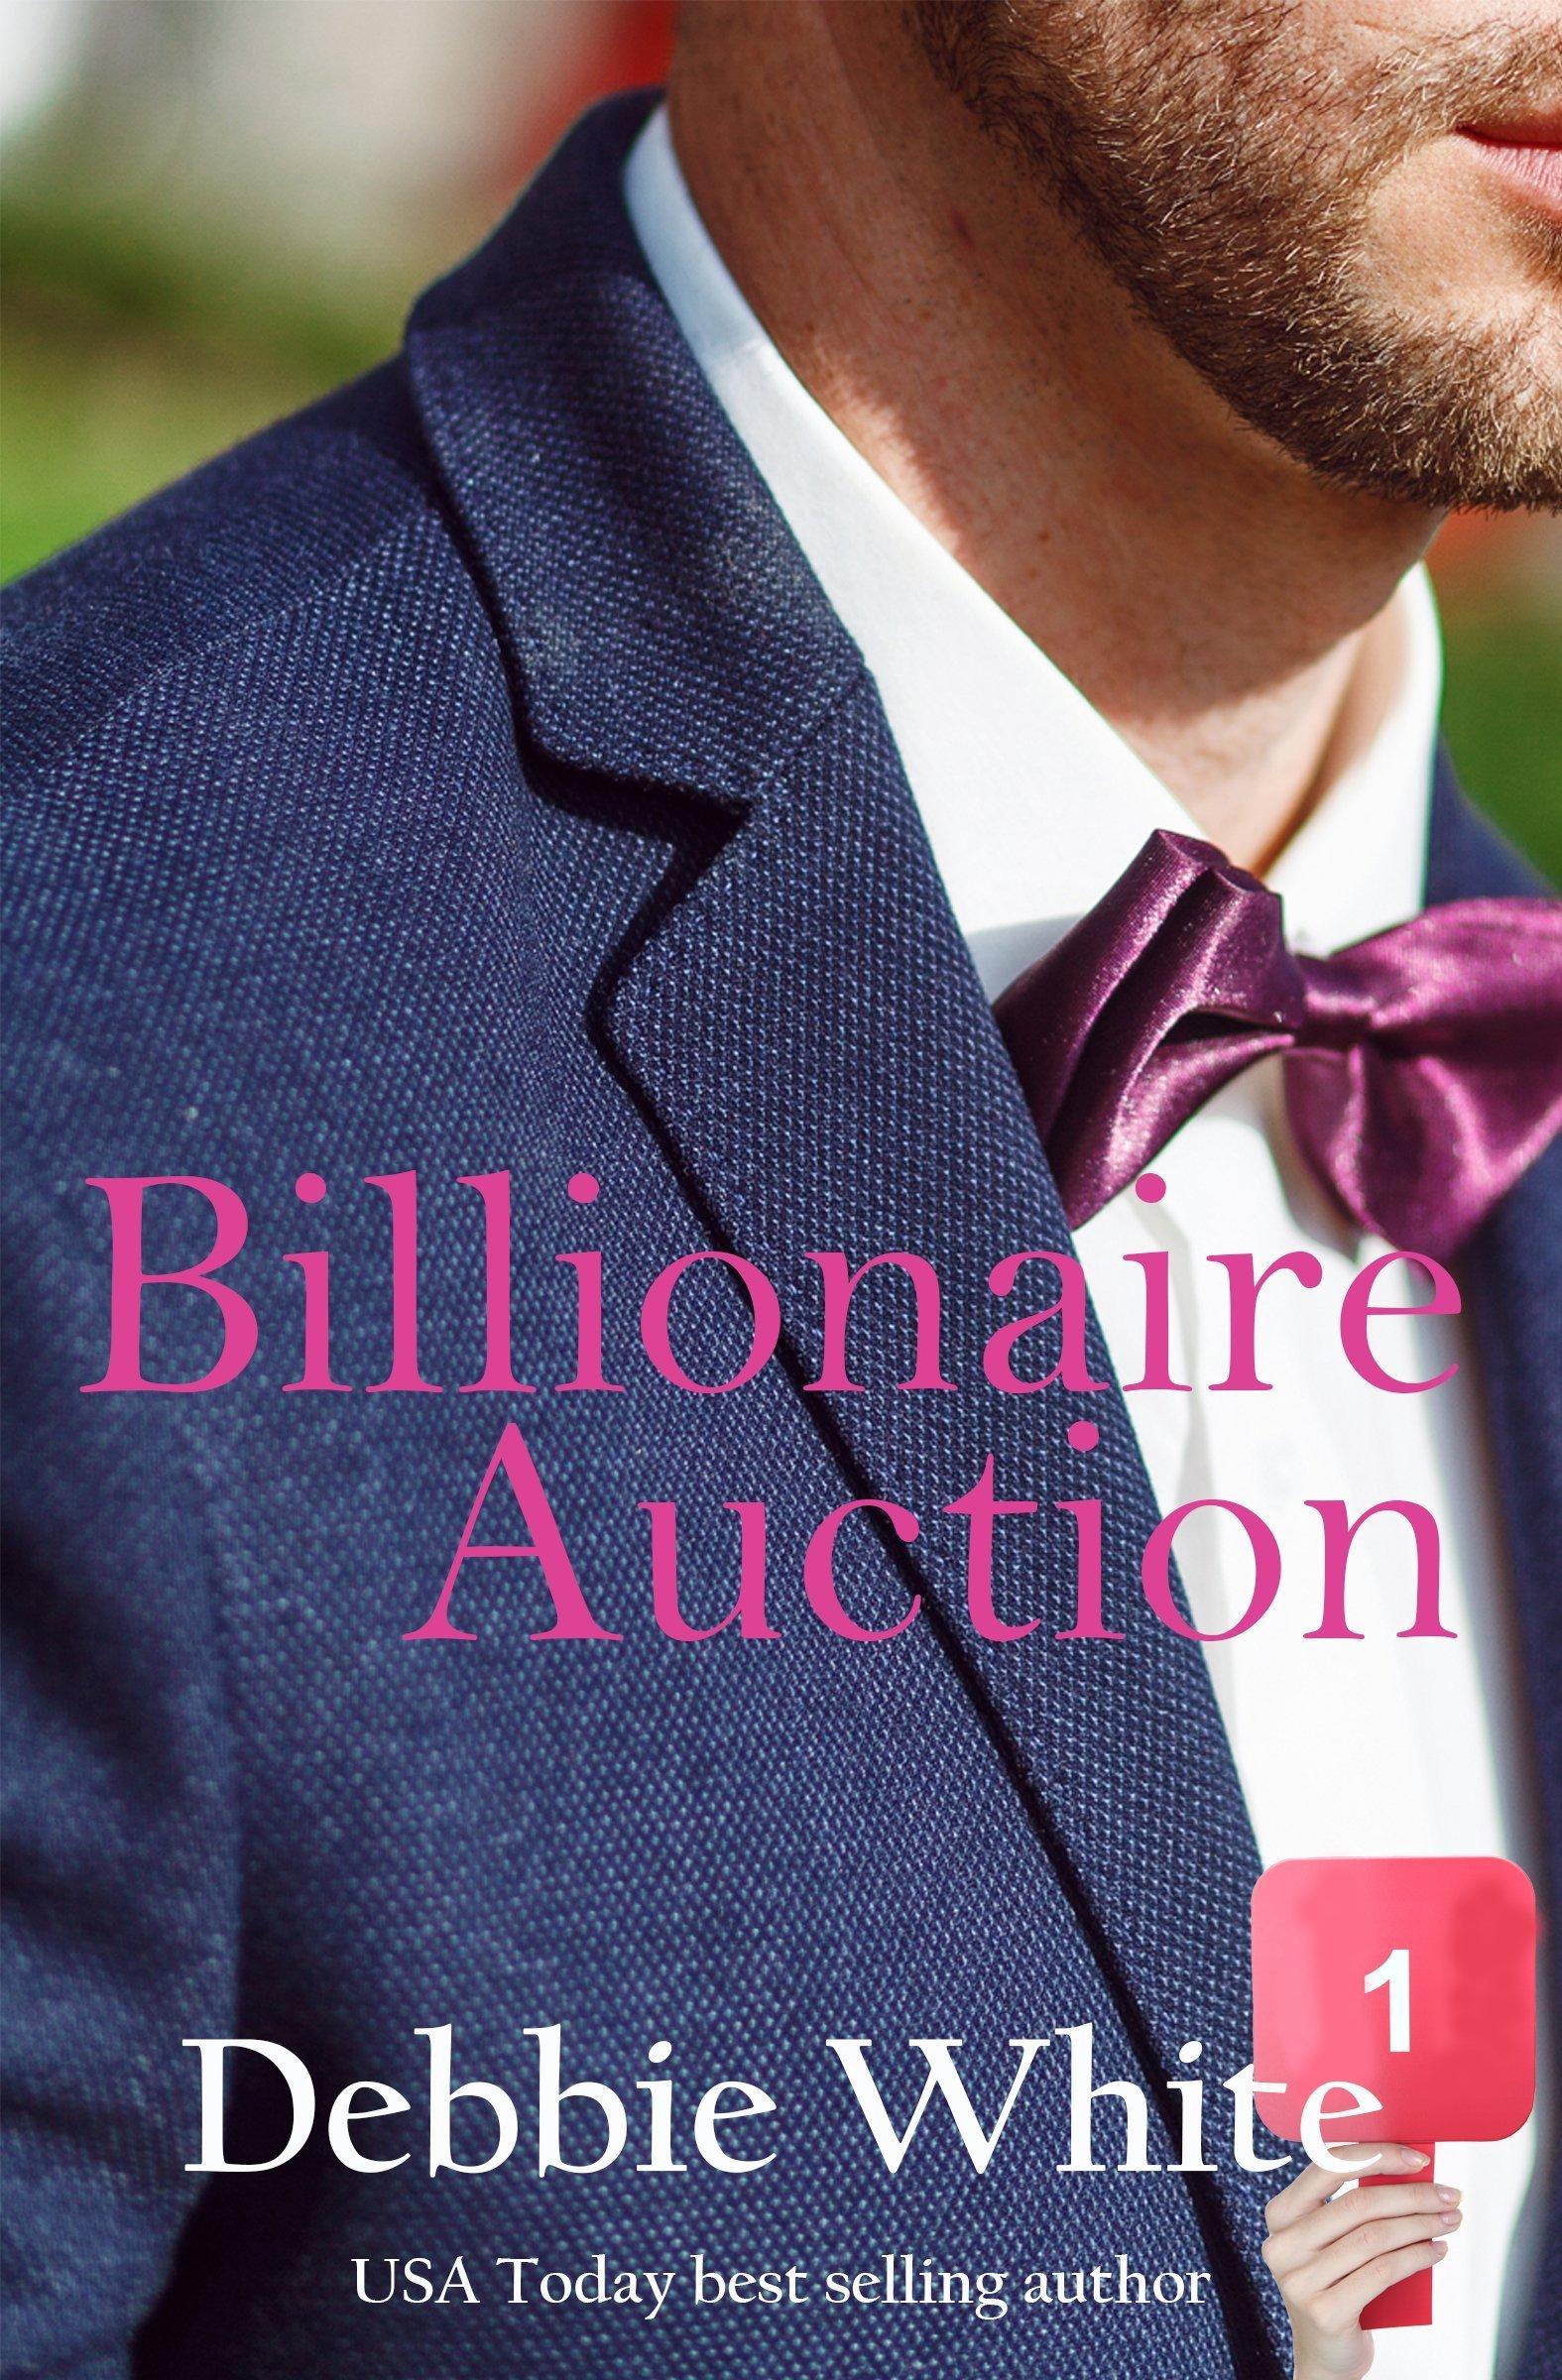 Billionaire-front-cover-5.25×8